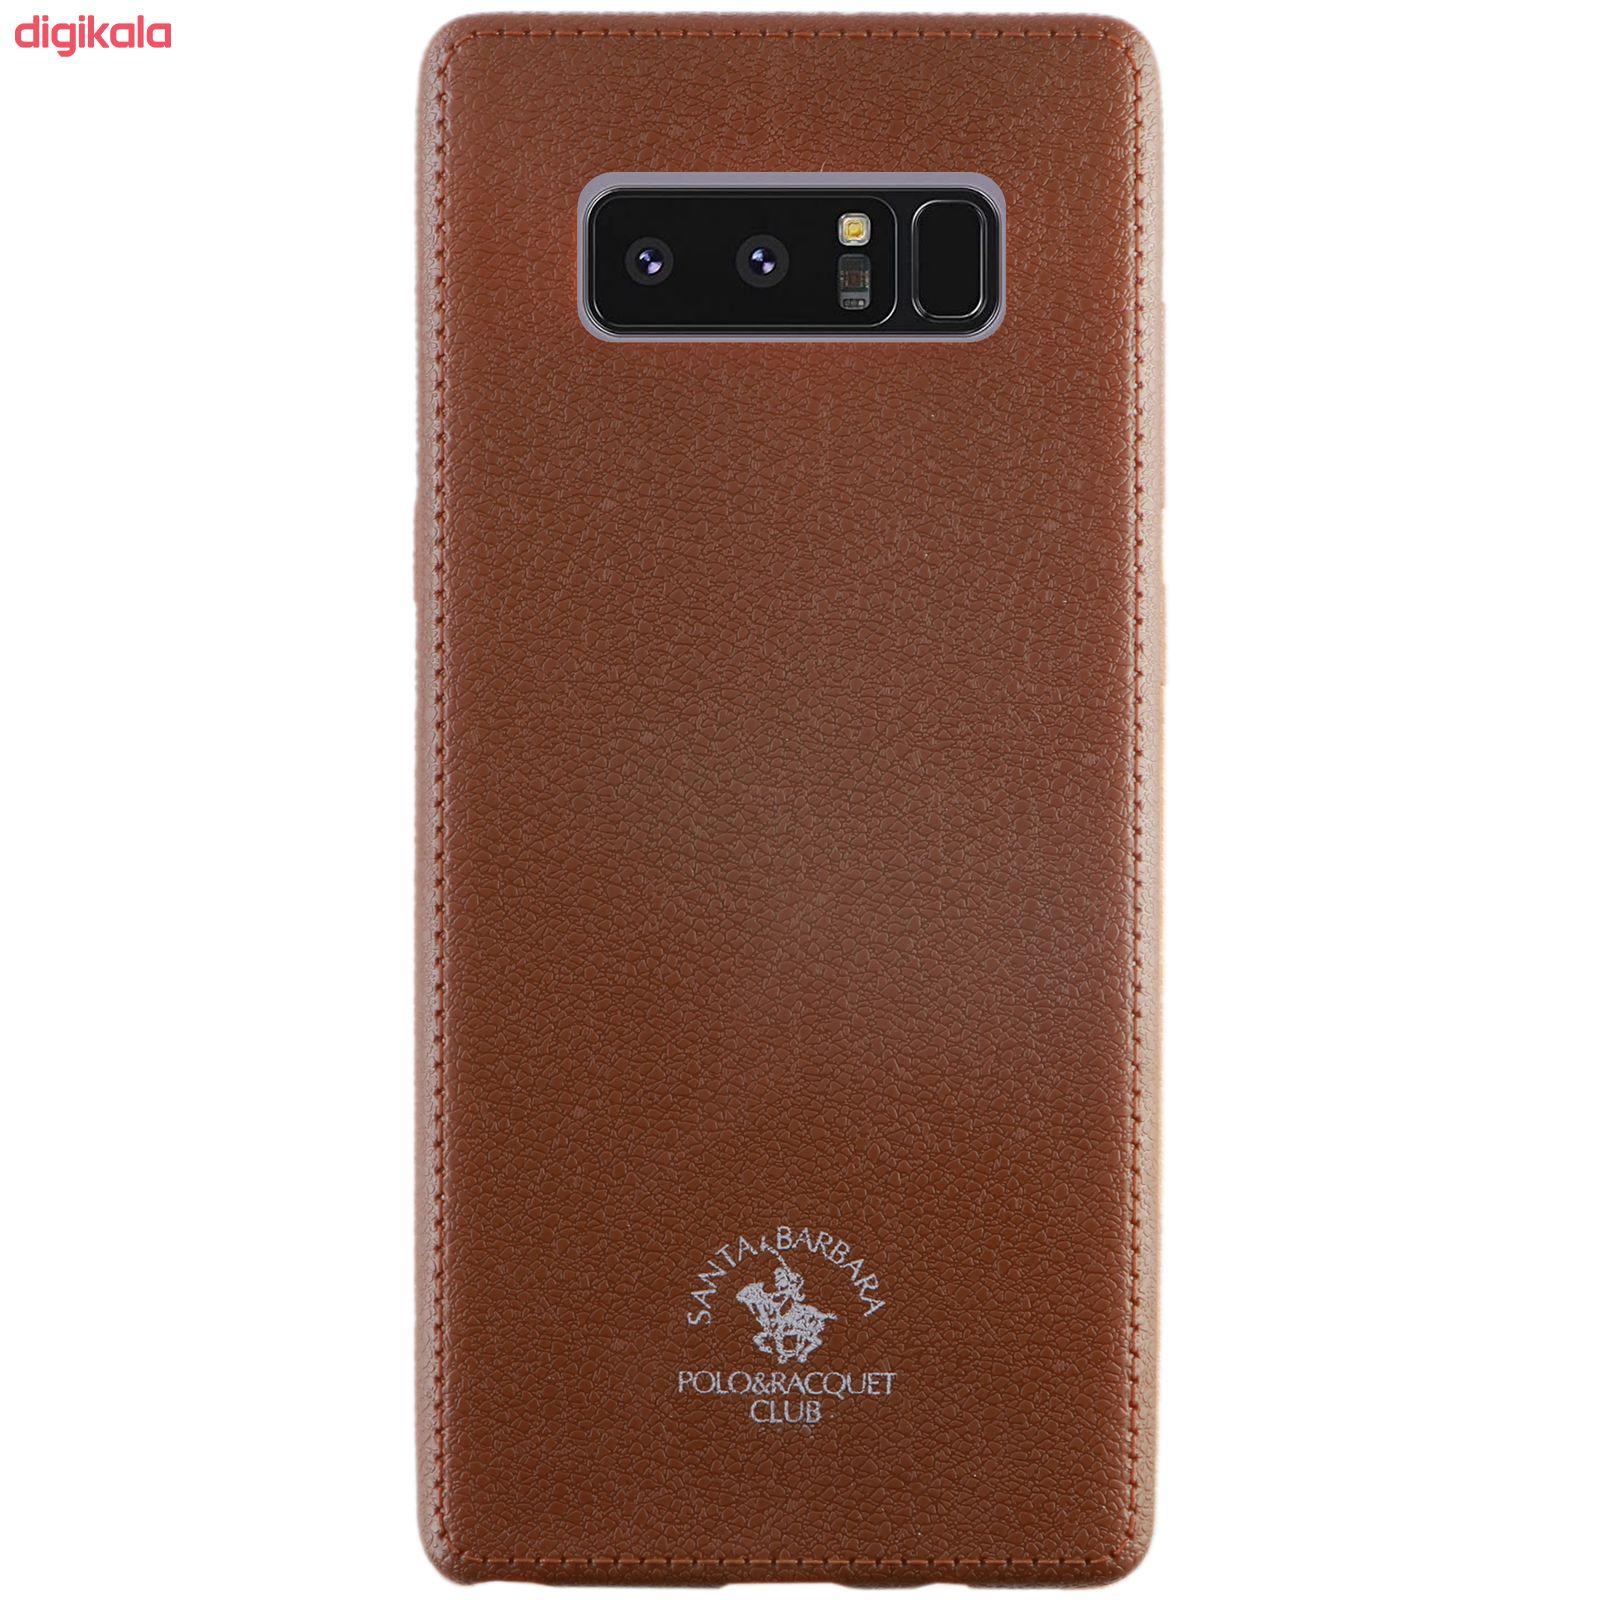 کاور مدل 01-De مناسب برای گوشی موبایل سامسونگ Galaxy note 8